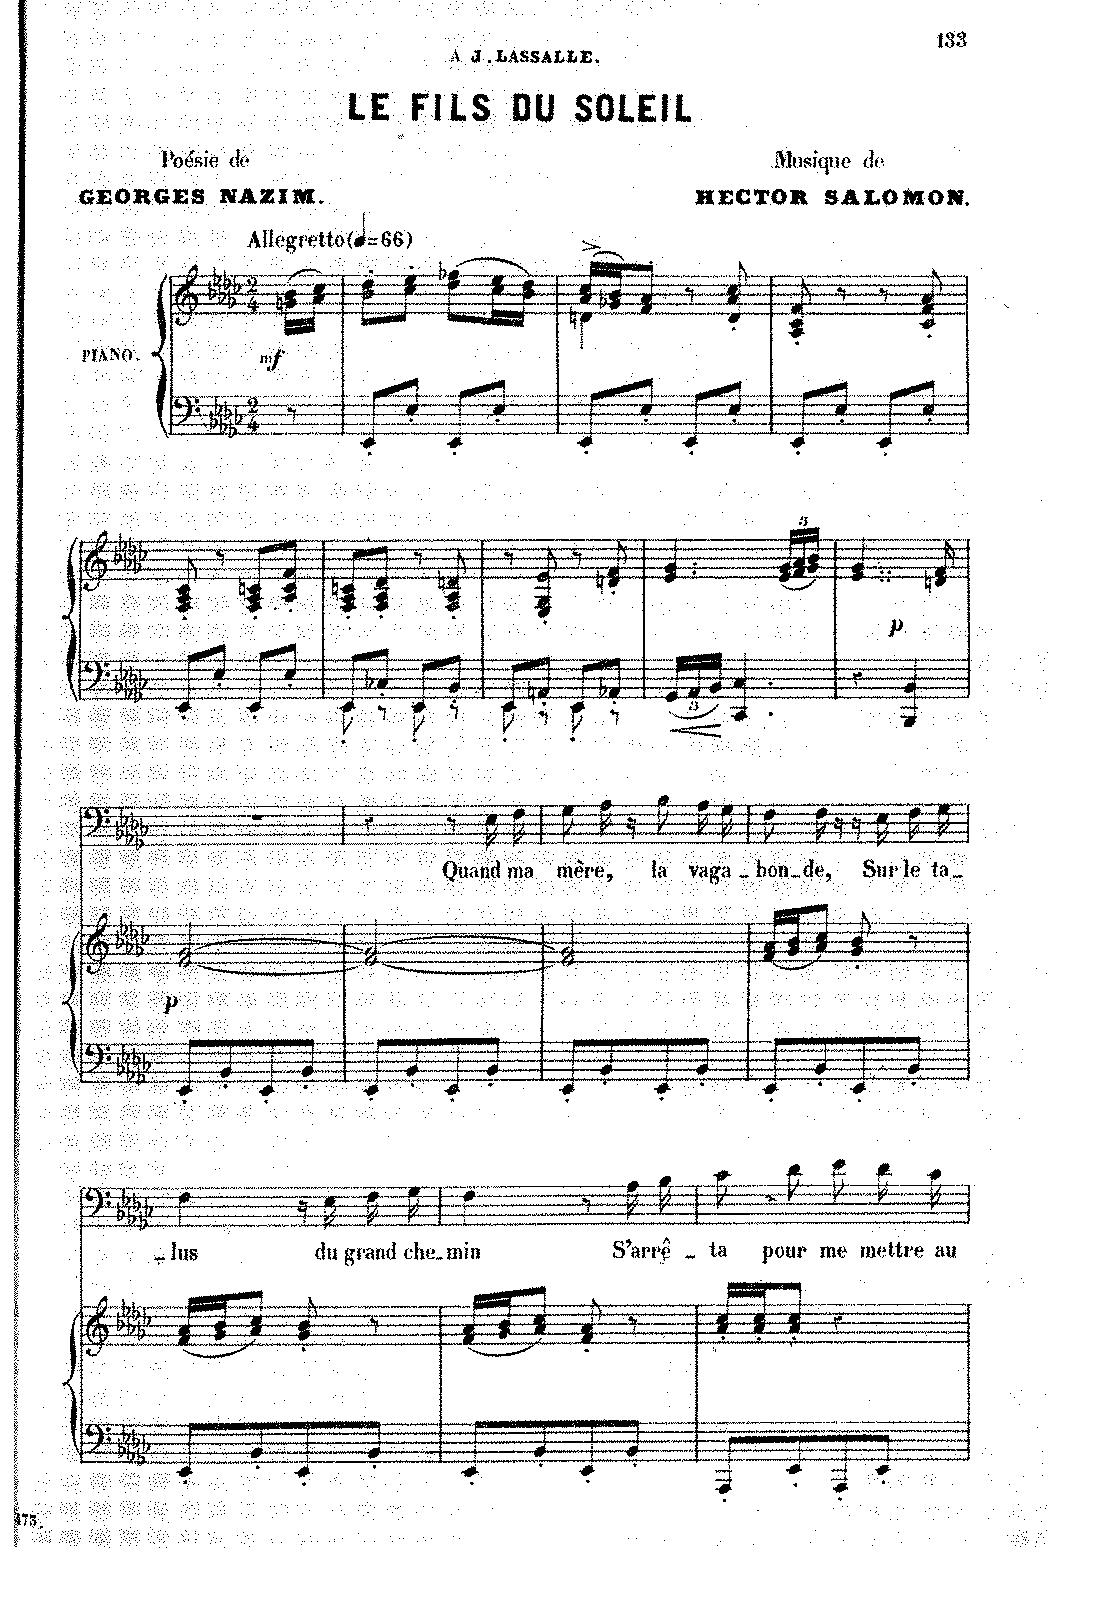 Le fils du soleil (Salomon, Hector) - IMSLP/Petrucci Music Library